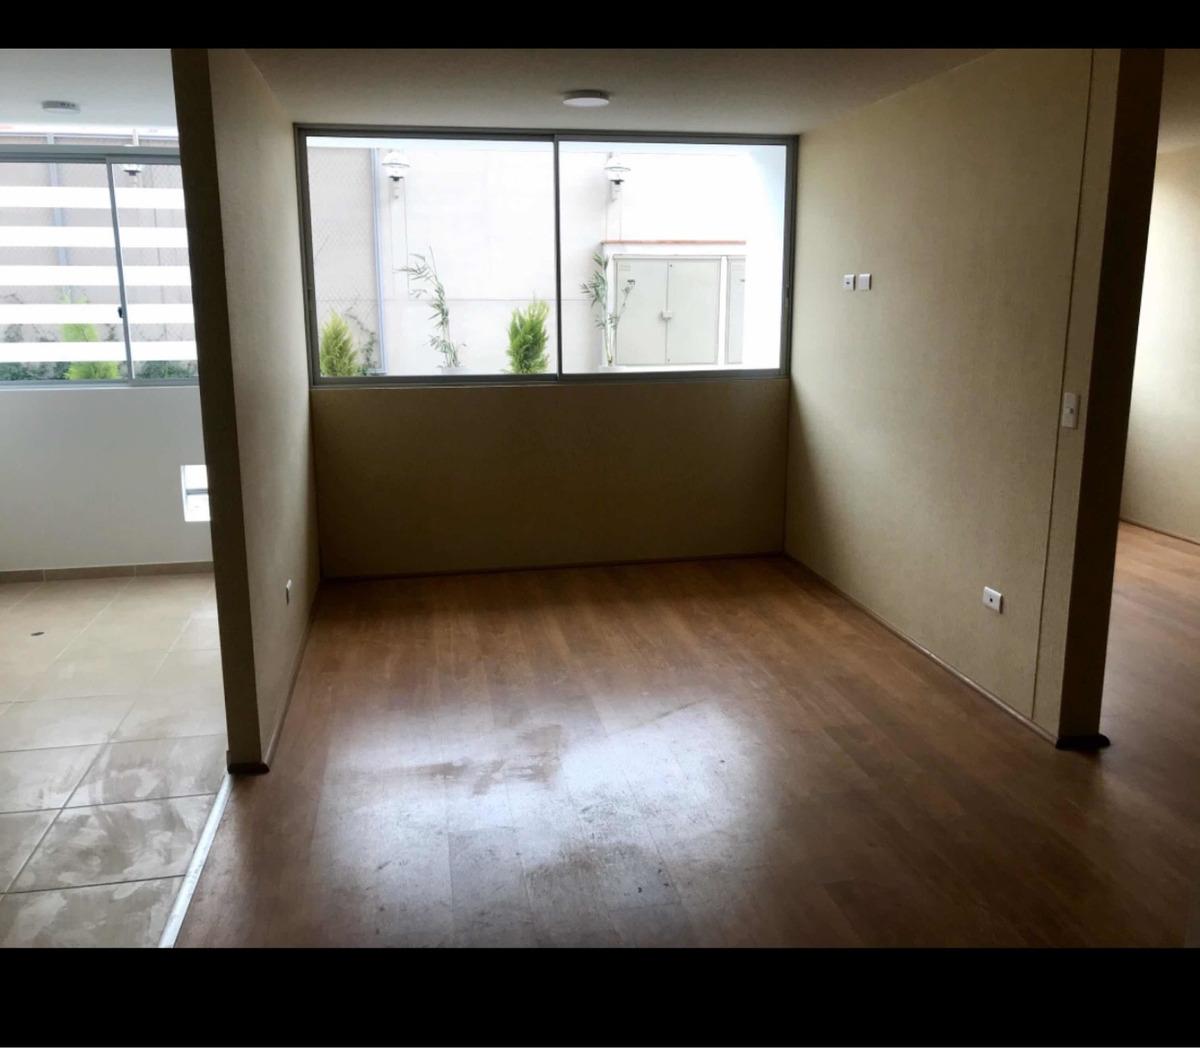 se alquila departamento con dos dormitorios y dos baños